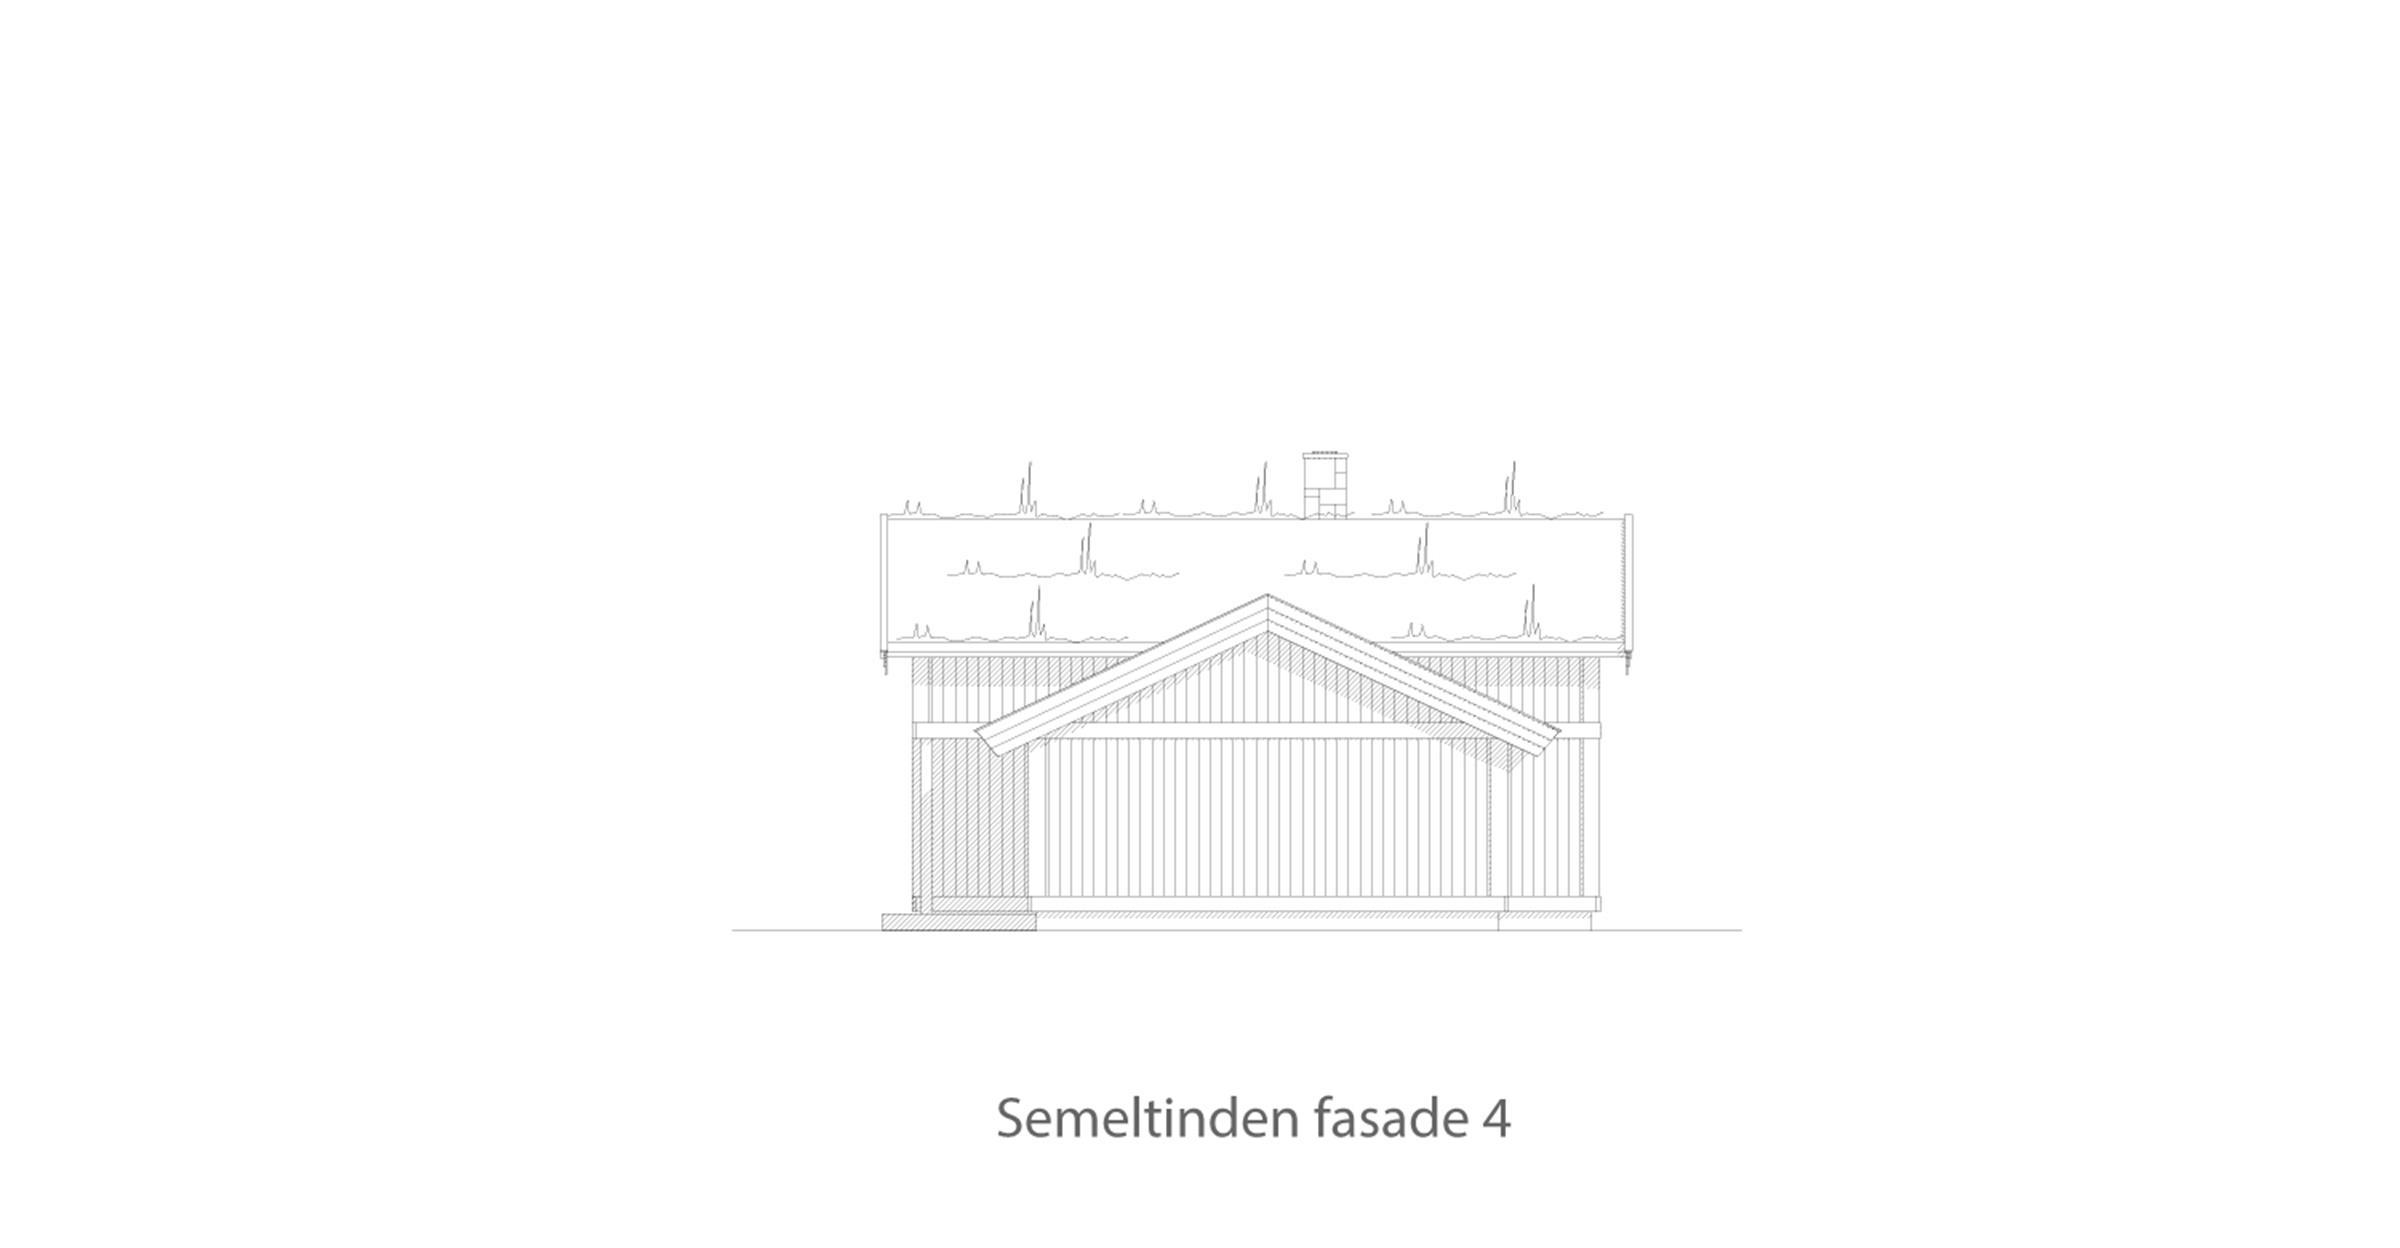 Semeltinden fasade 4